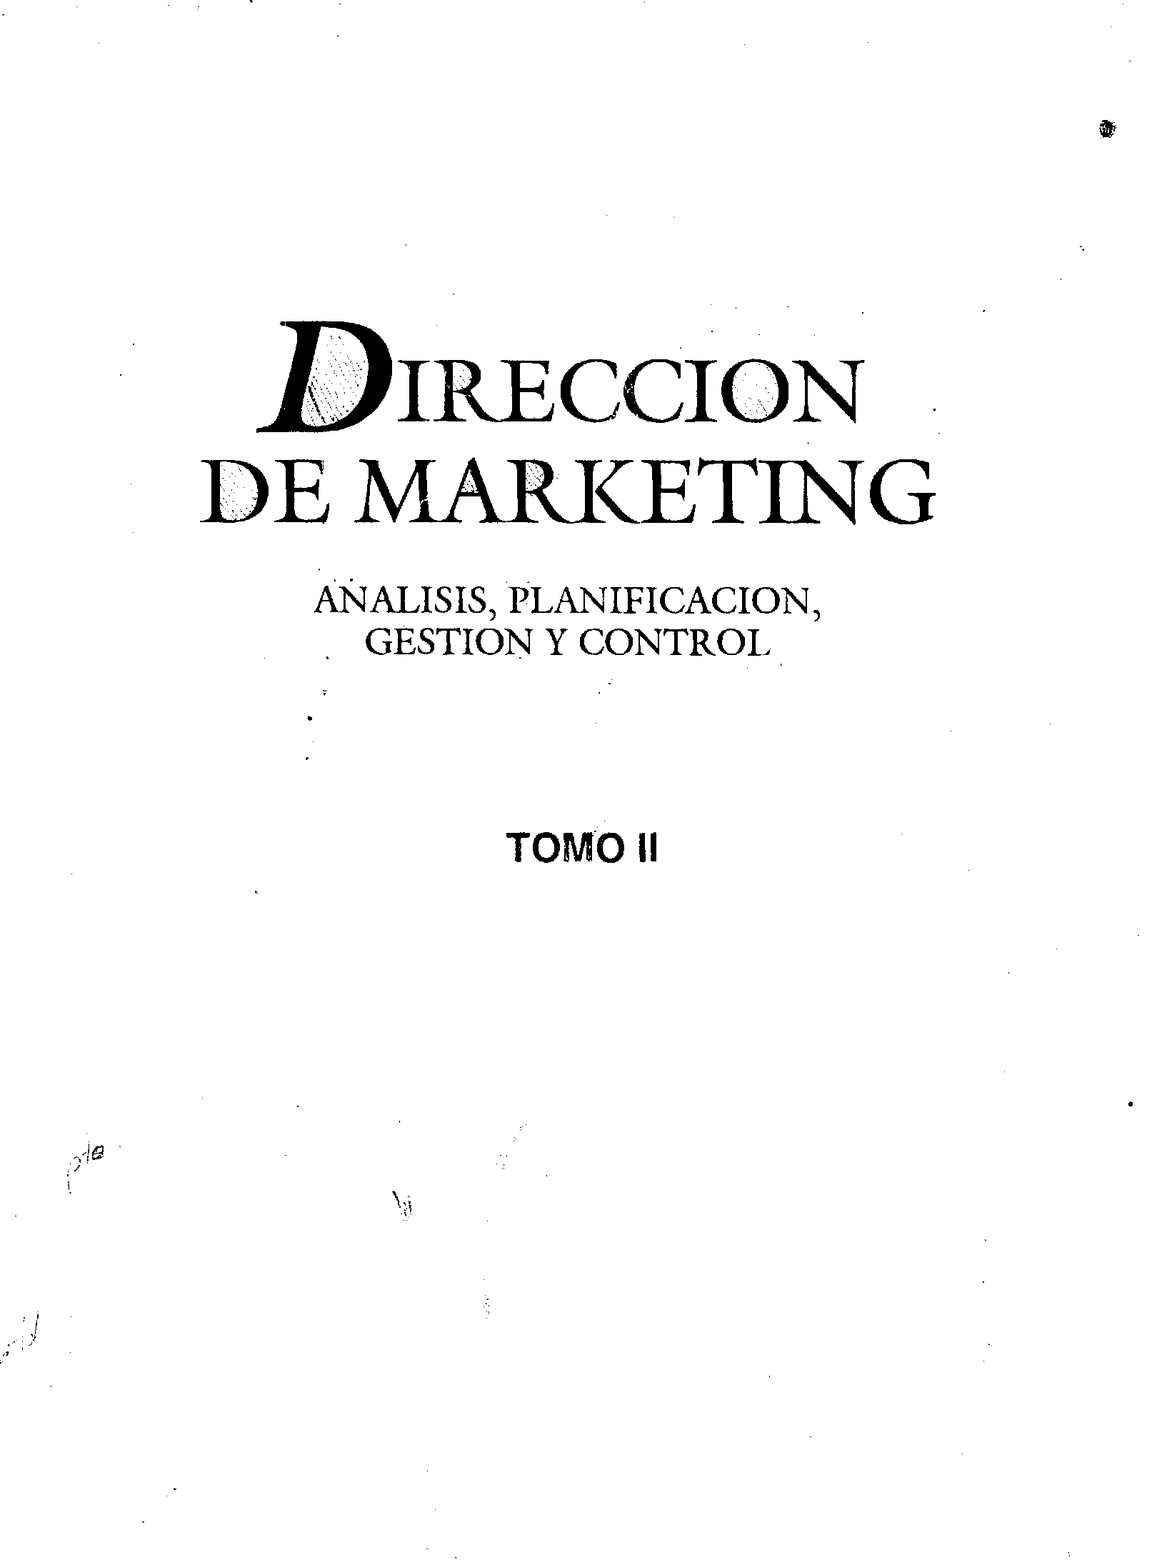 Calaméo - Dirección de Marketing tomo II 5845ca1621d